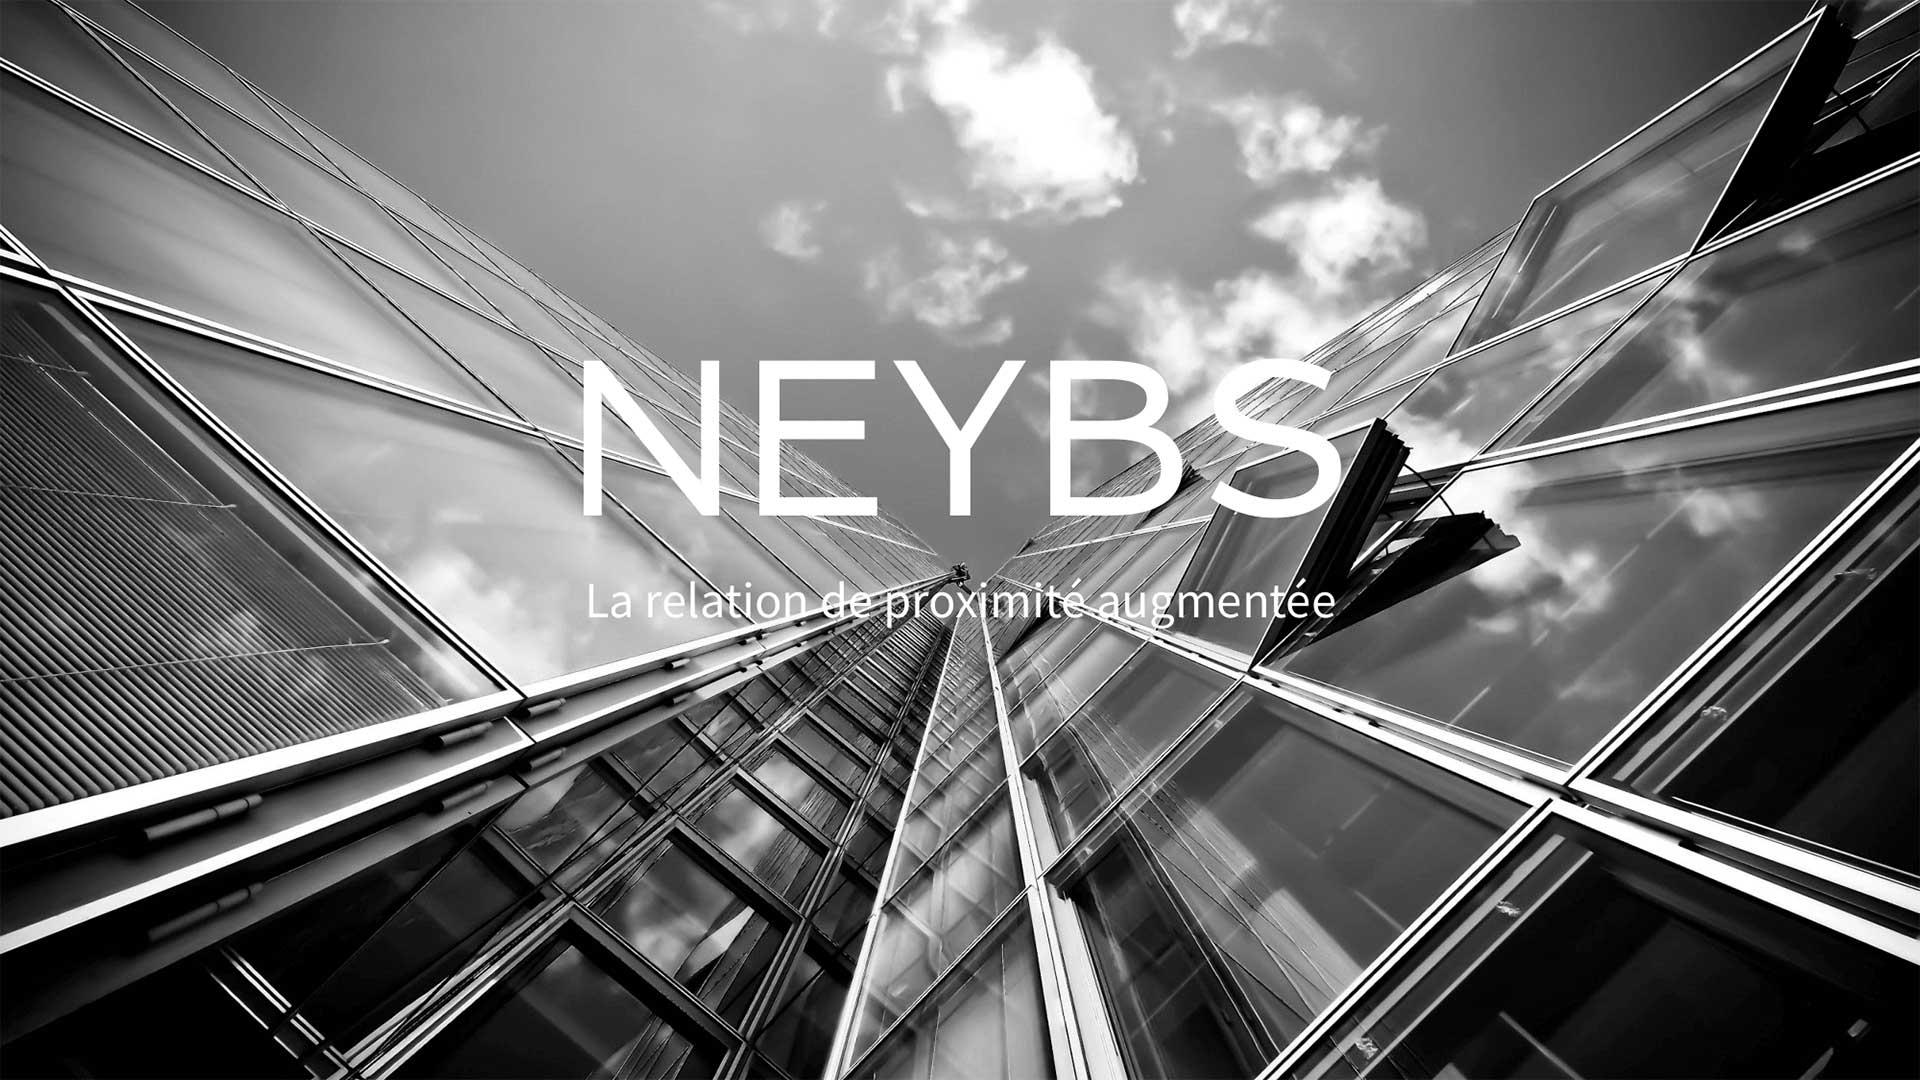 neybs